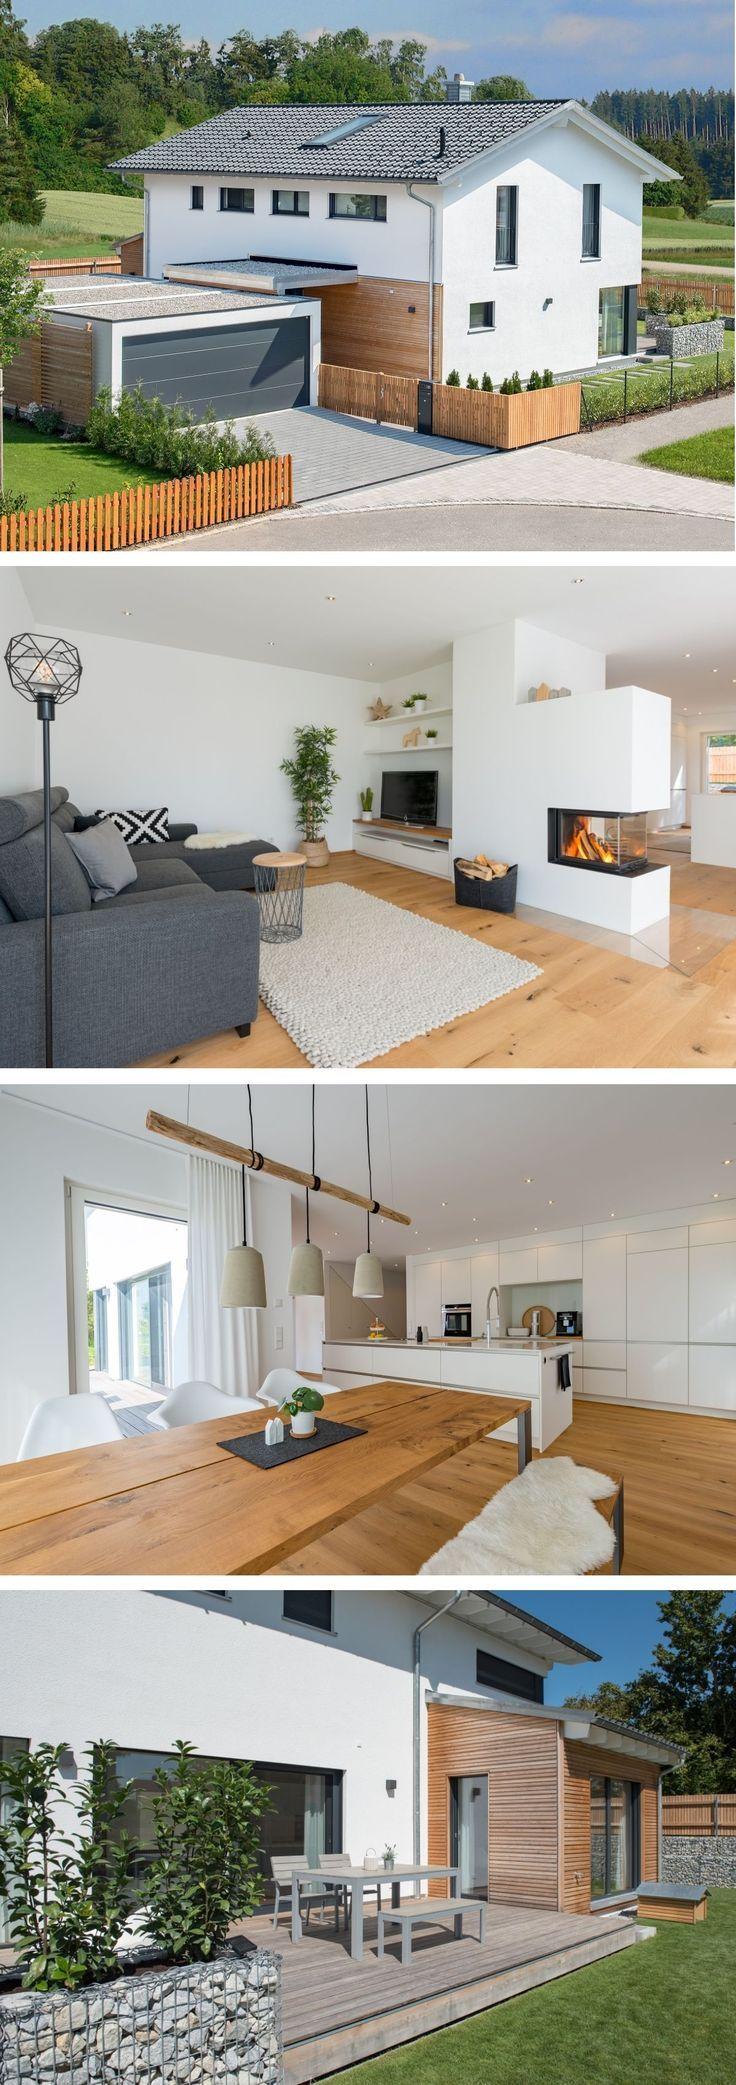 Einfamilienhaus Architektur im Landhausstil modern mit Garage, Holz Fassade, Sat